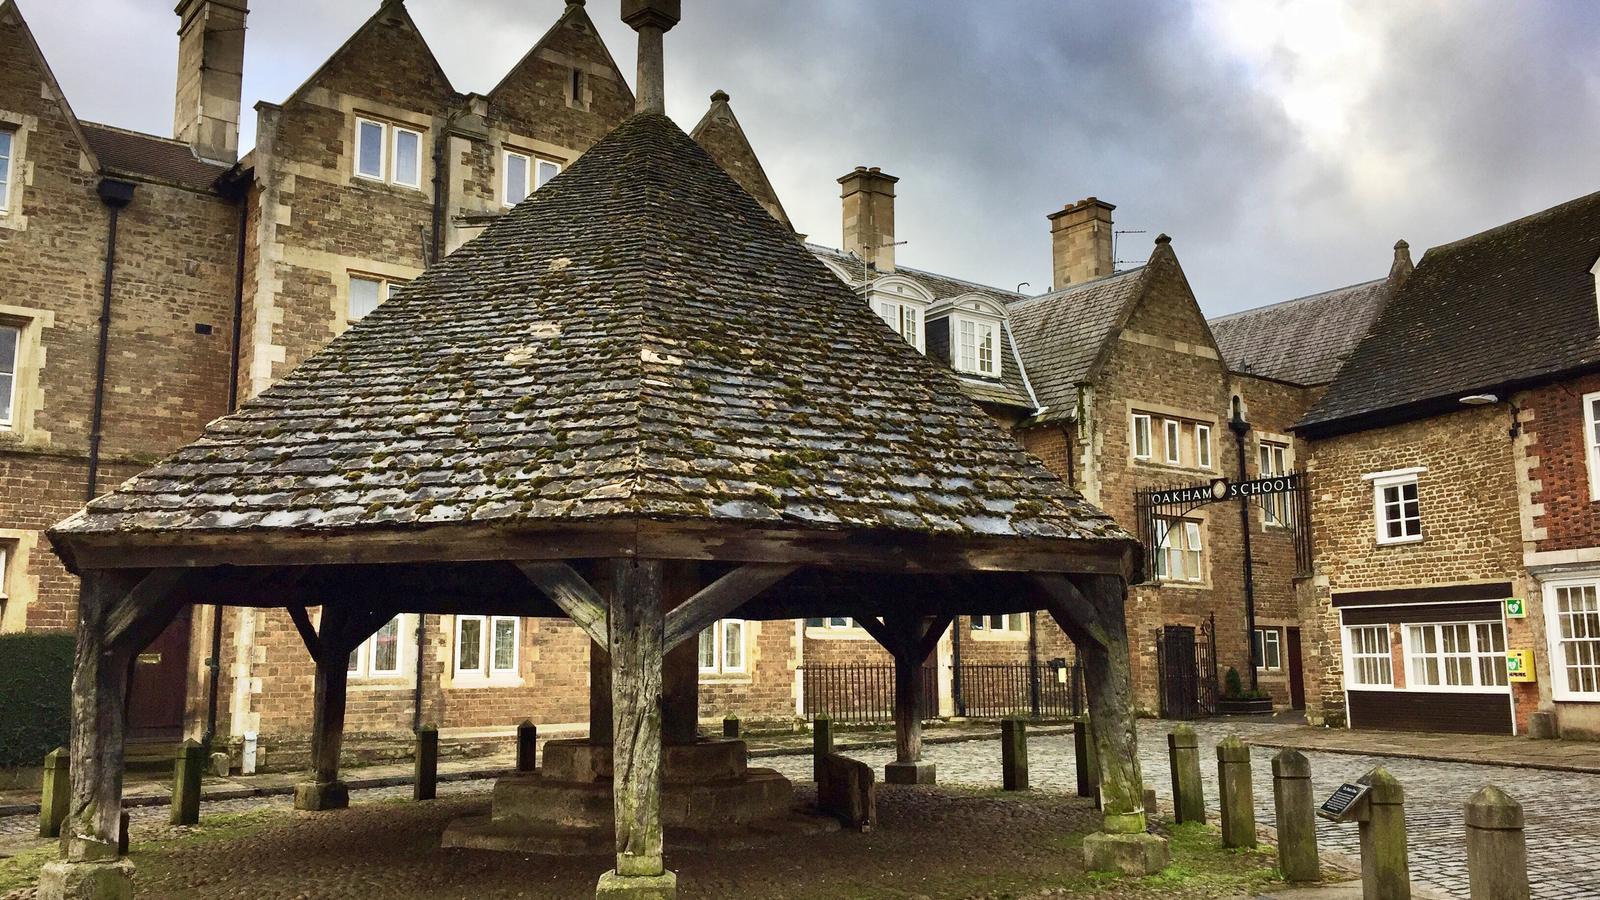 Centre històric d'Oakham, al comtat de Rutland, a Anglaterra